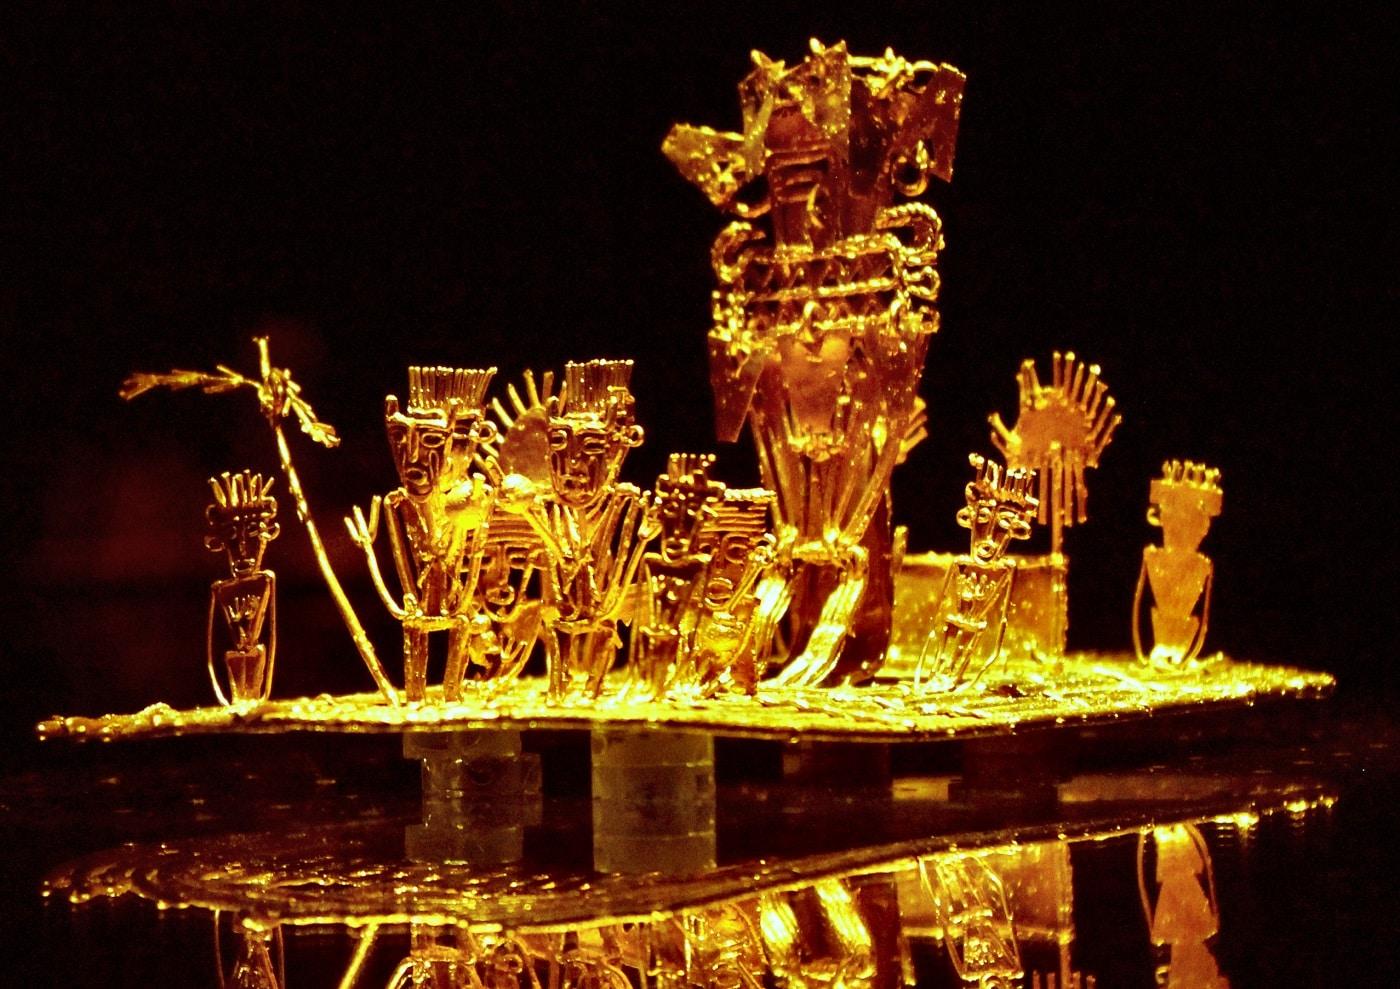 Muzeul Aurului este locul unde sunt expuse fel de fel de obiecte interesante, din aur